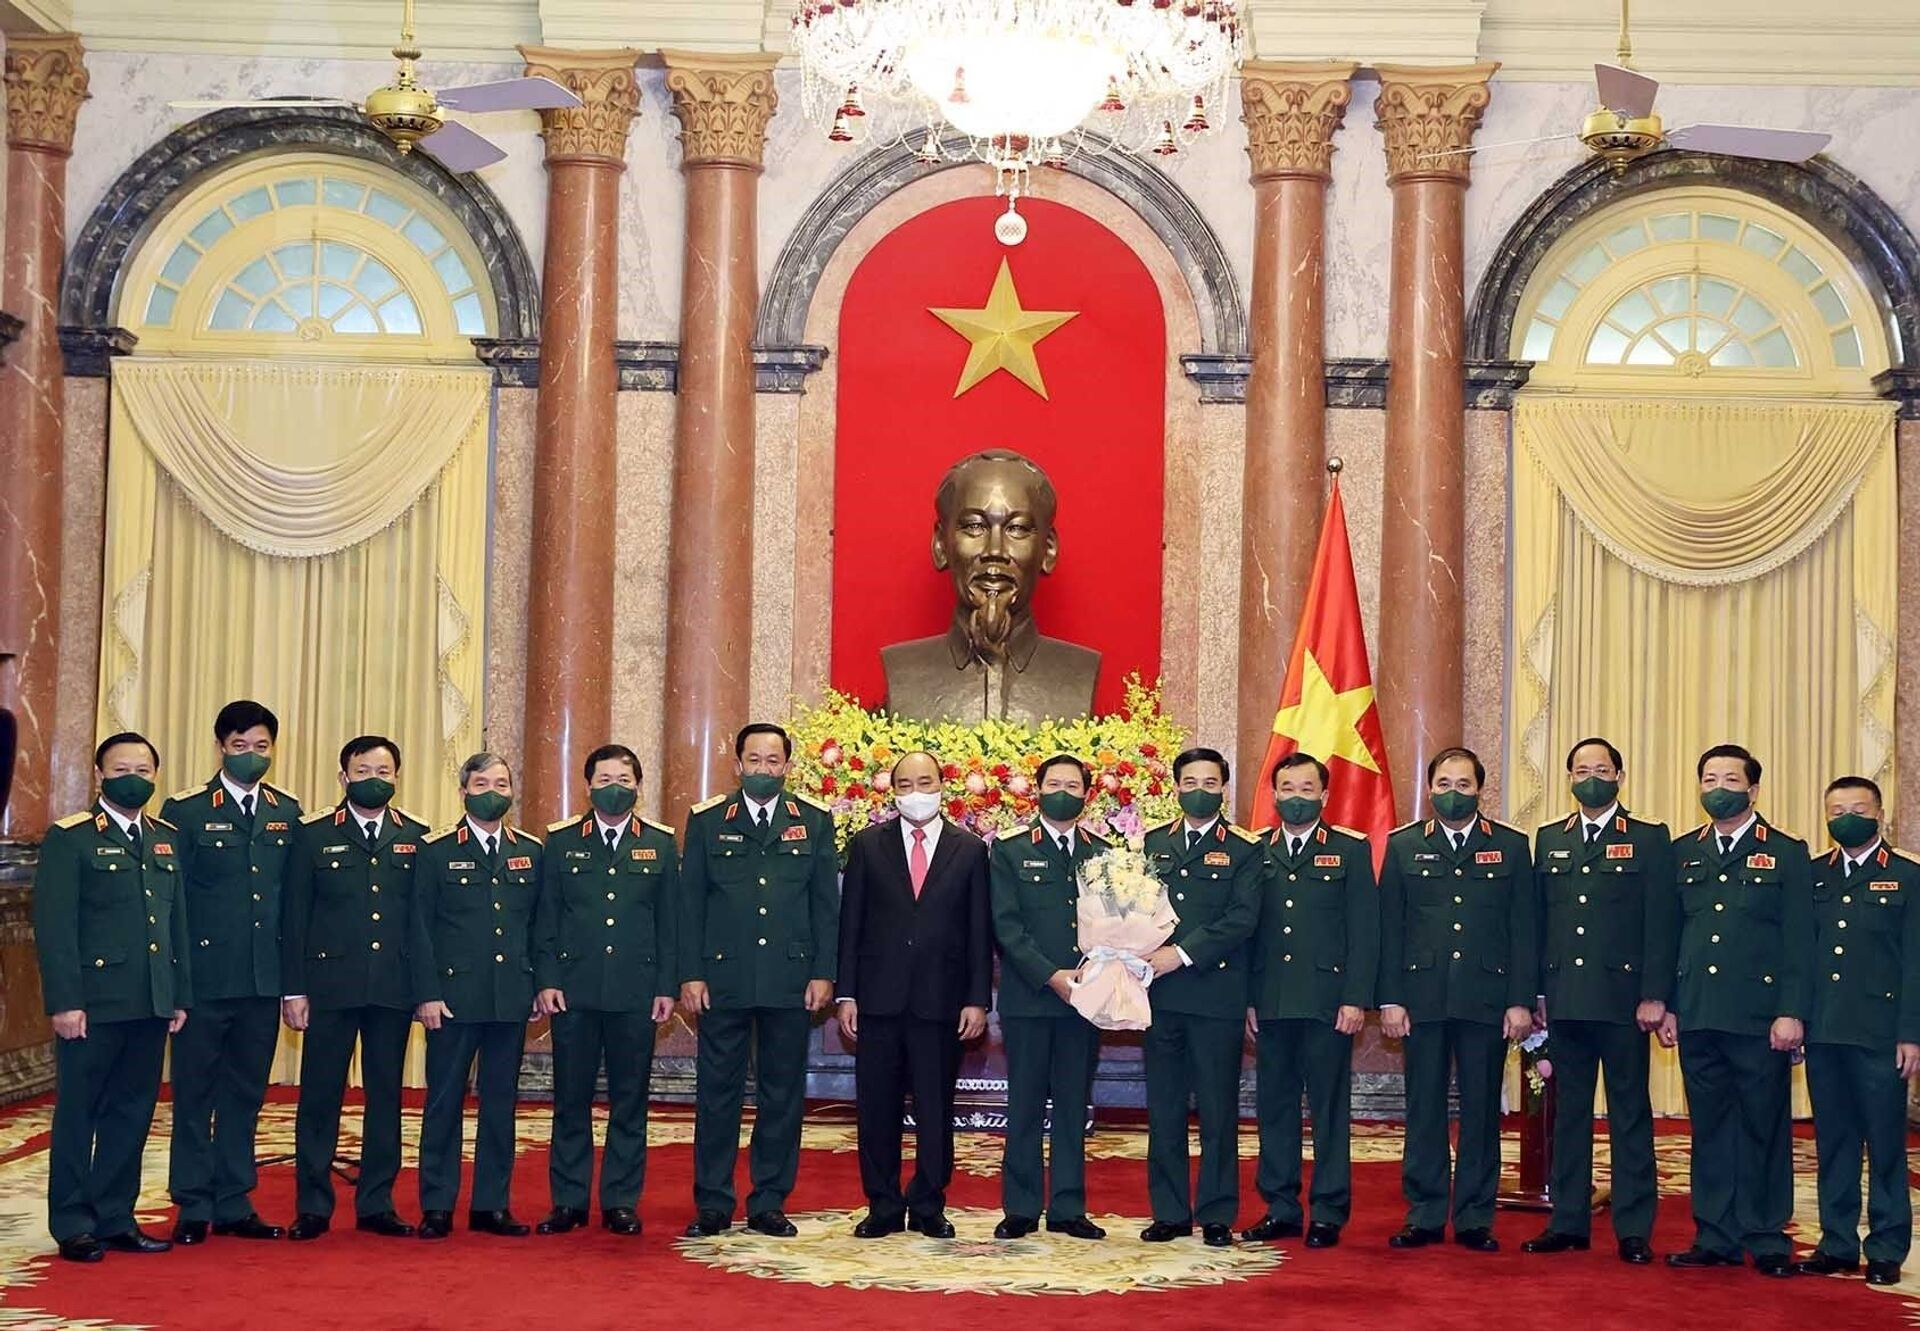 Tổng Tham mưu trưởng Quân đội nhân dân Việt Nam là ai? - Sputnik Việt Nam, 1920, 03.06.2021